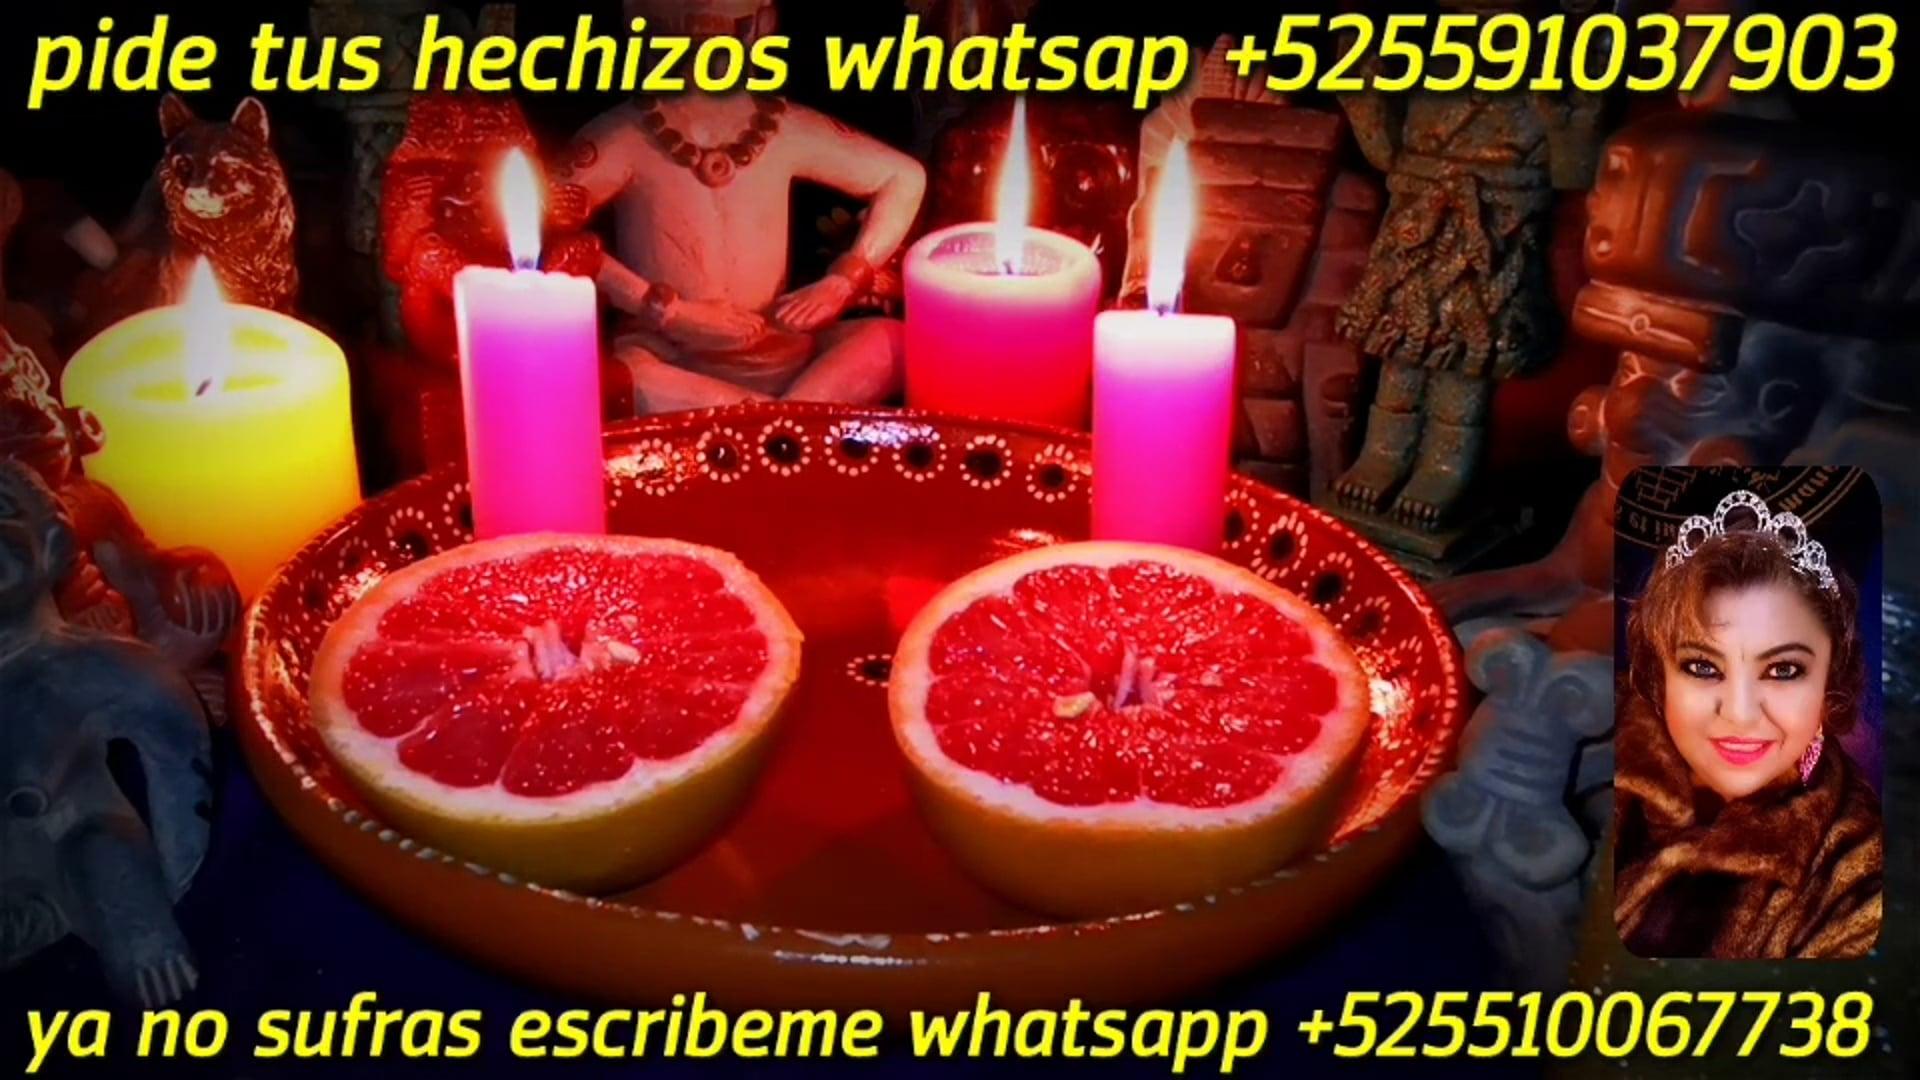 HECHIZO SUERTE Y DINERO TENDRÁS